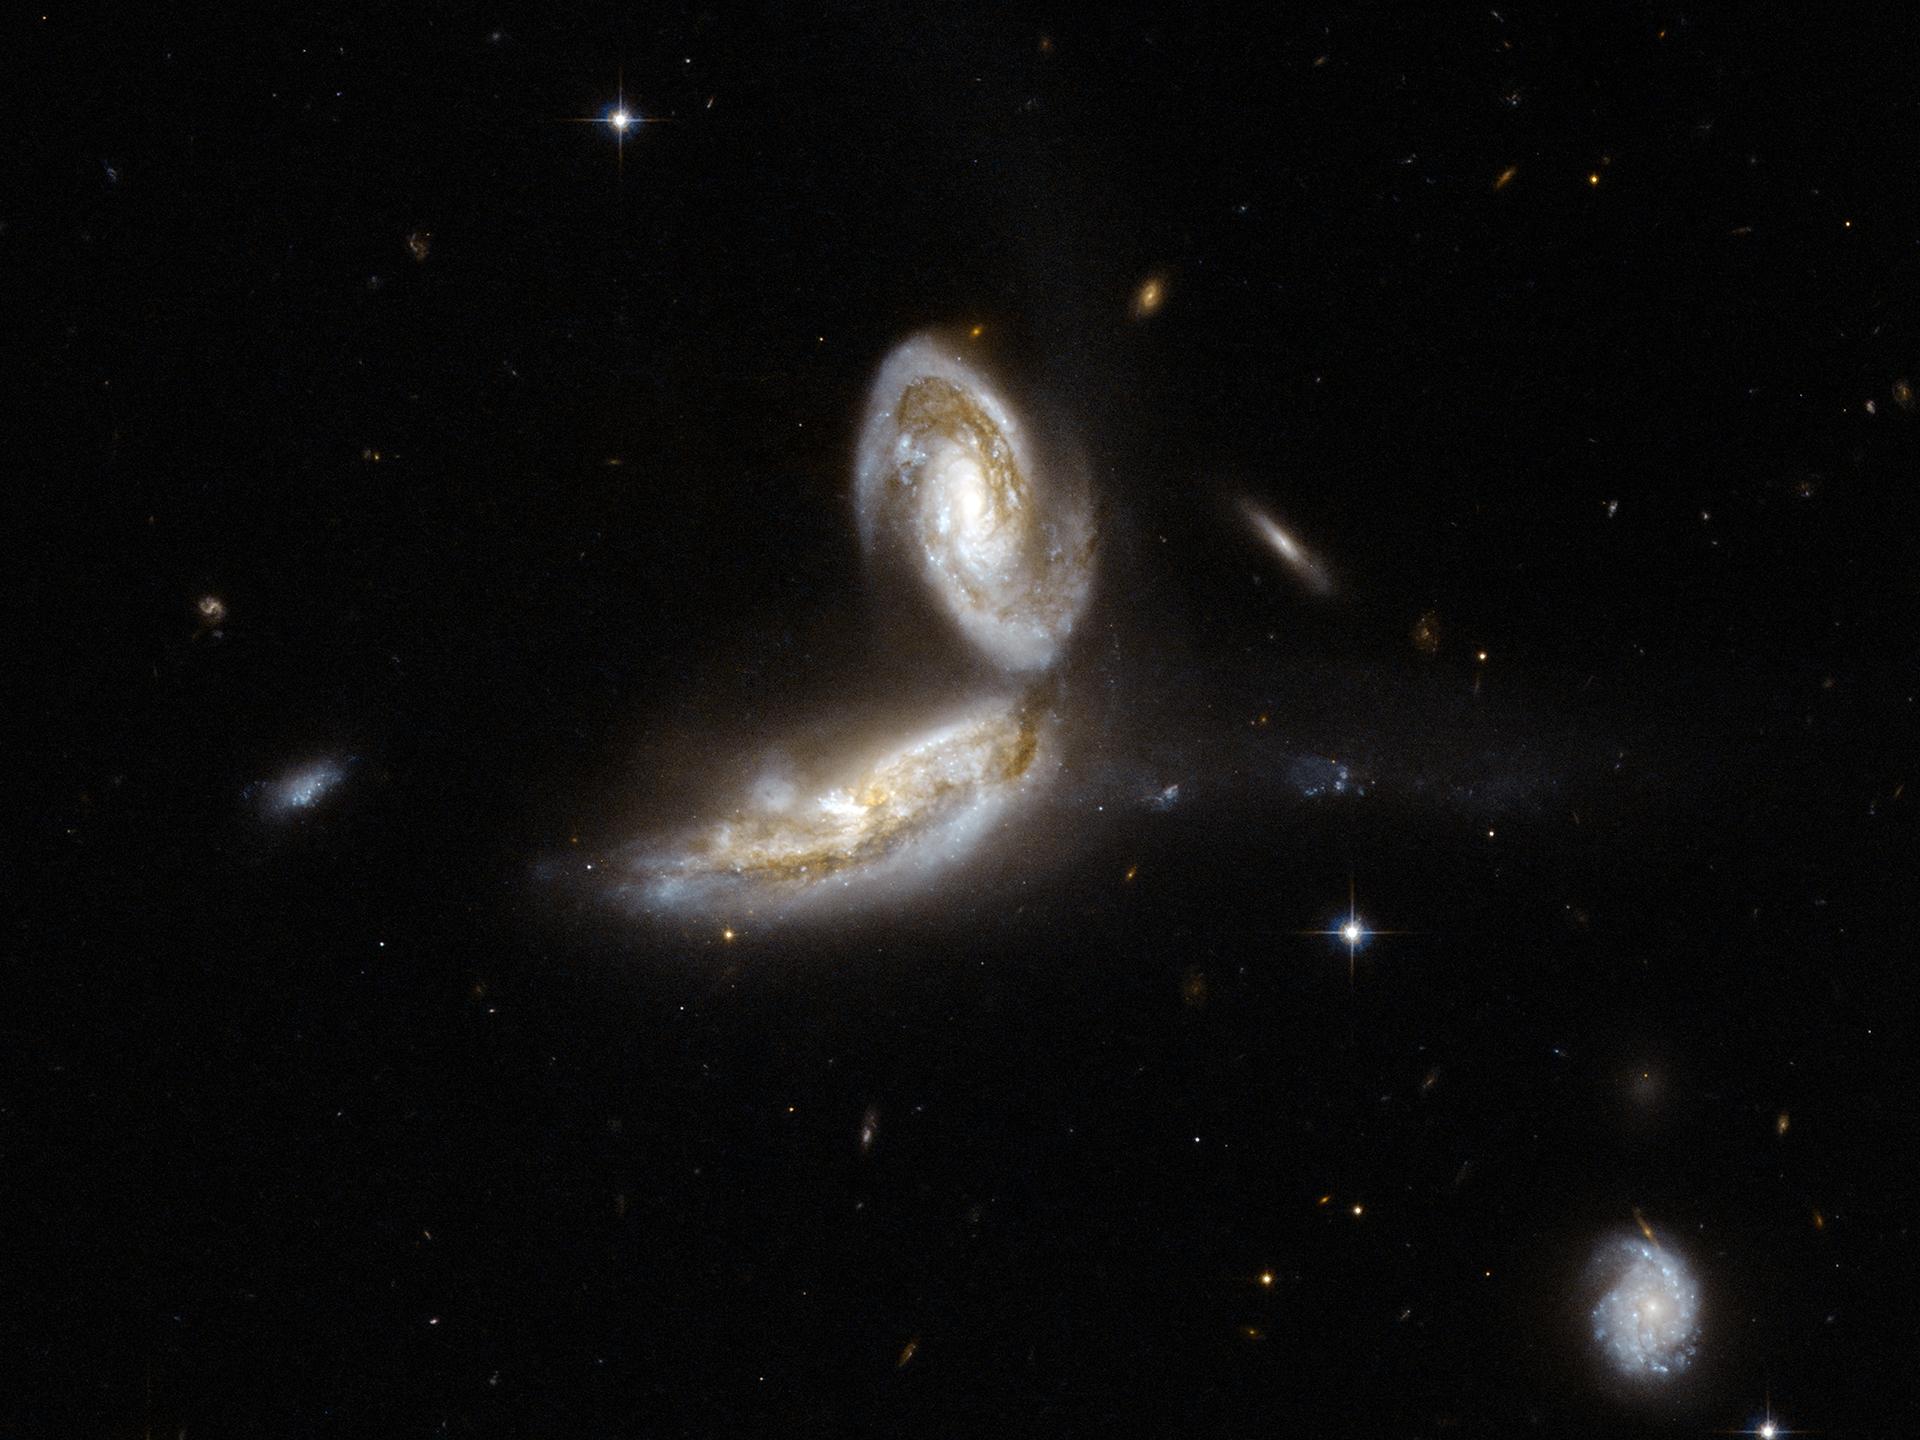 NGC 5331